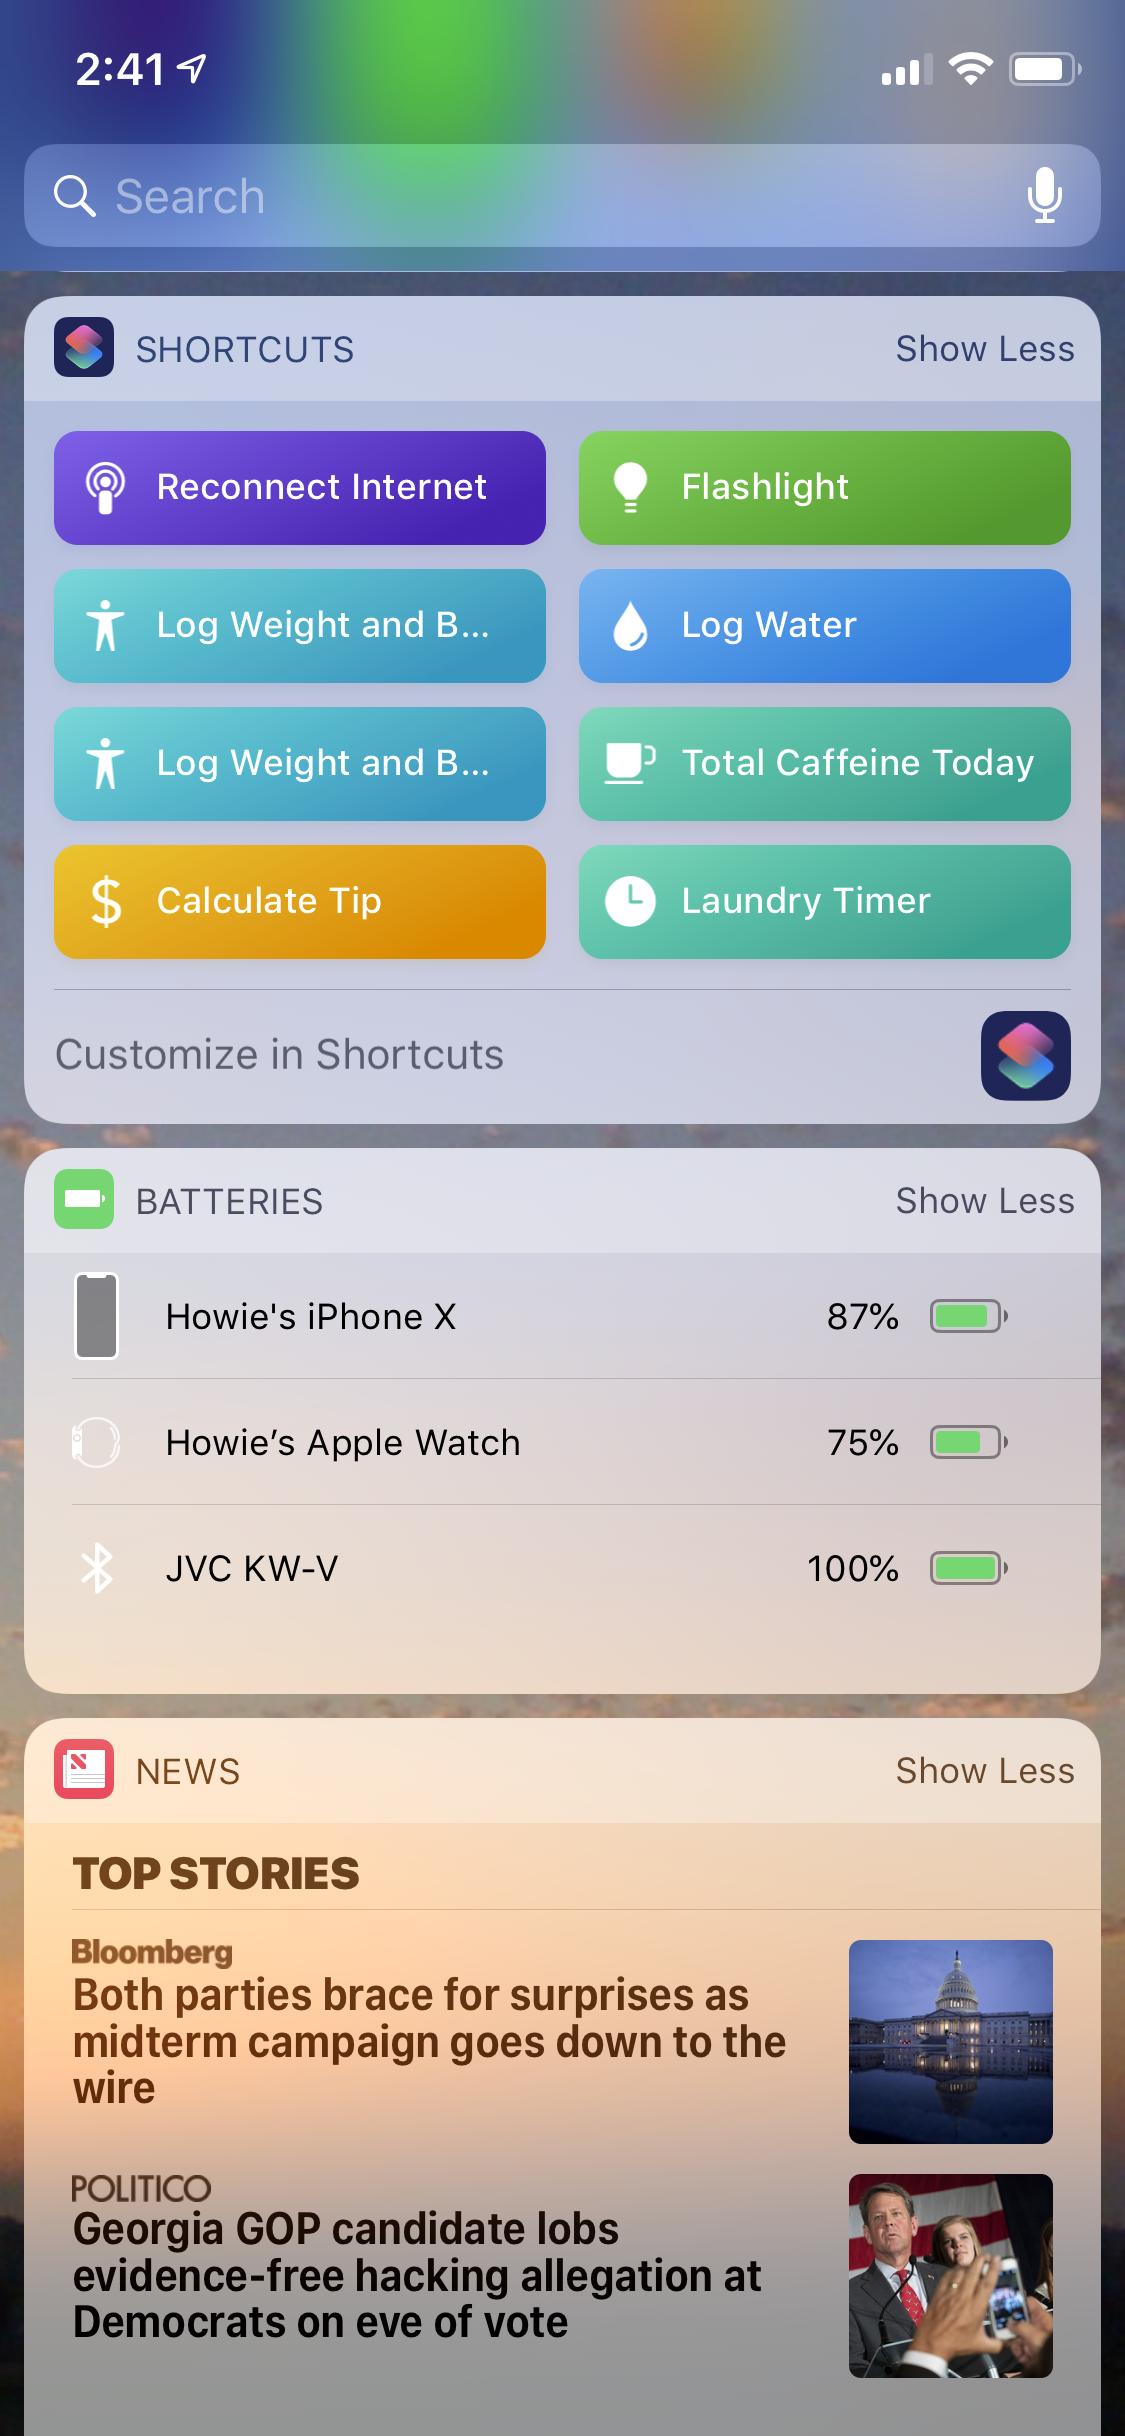 shortcuts - widget